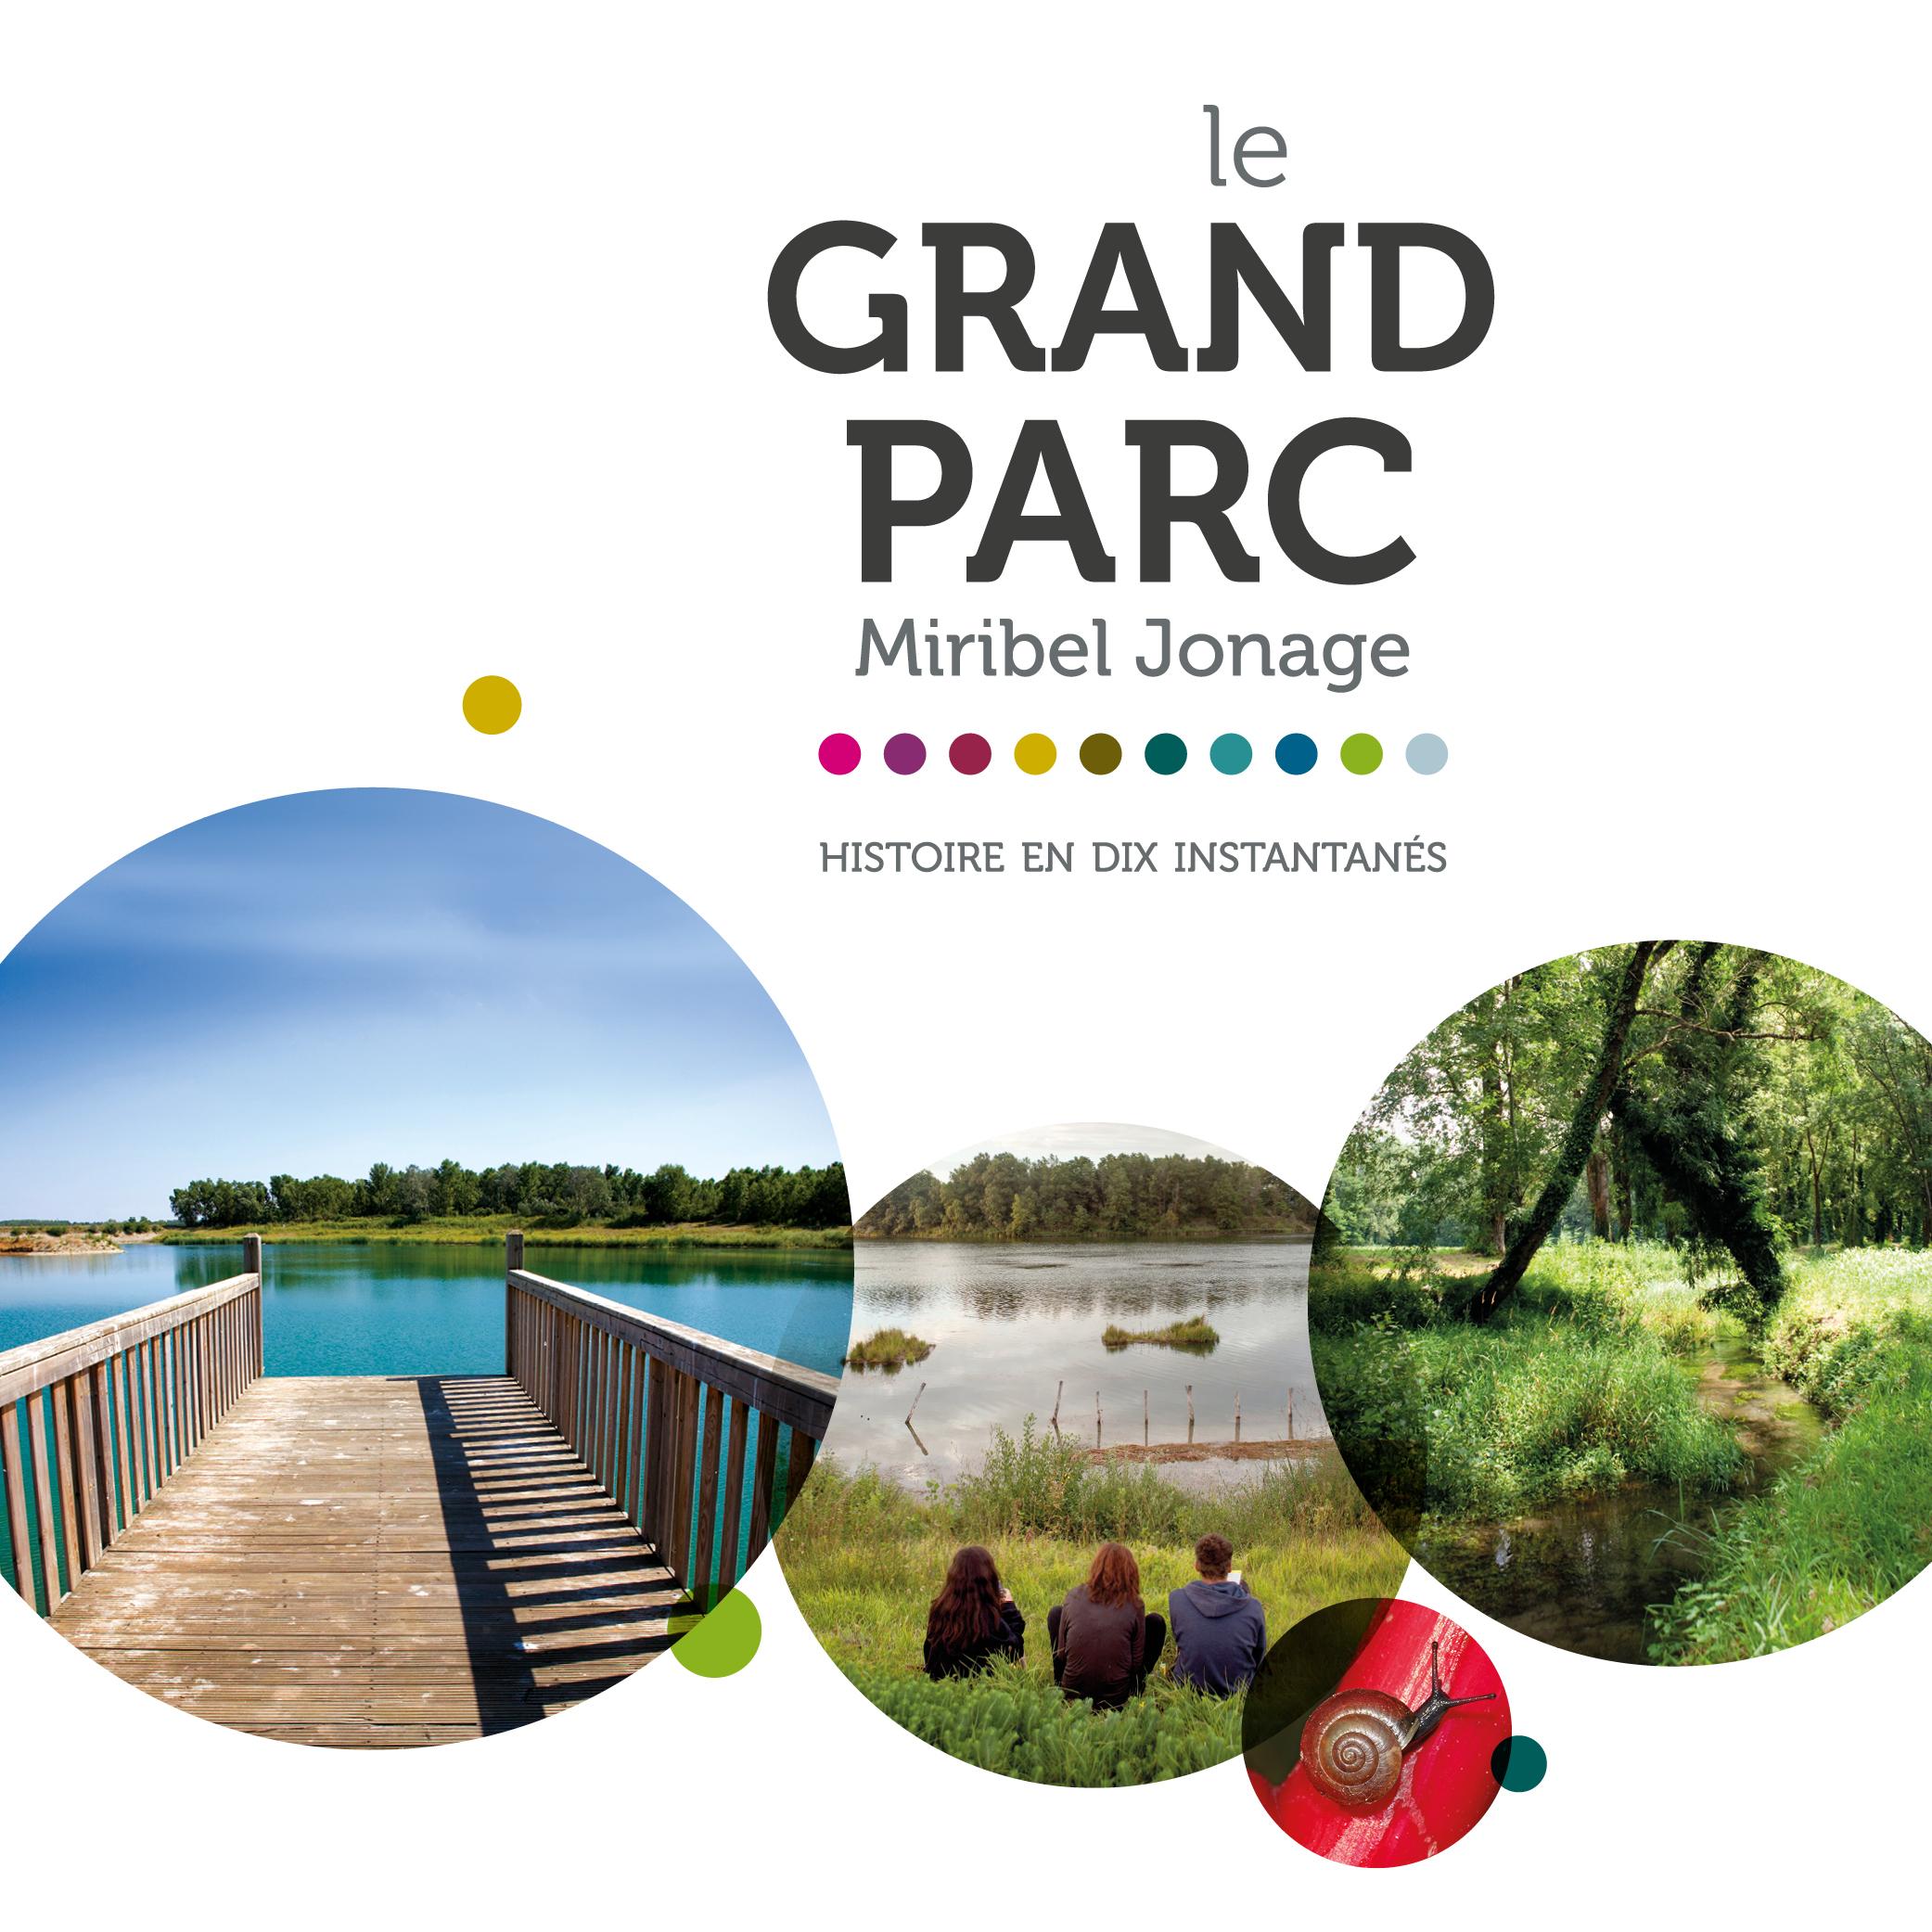 Grand Parc Miribel Jonage par Cités Plume, agence de communication à Villeurbanne, Rhône